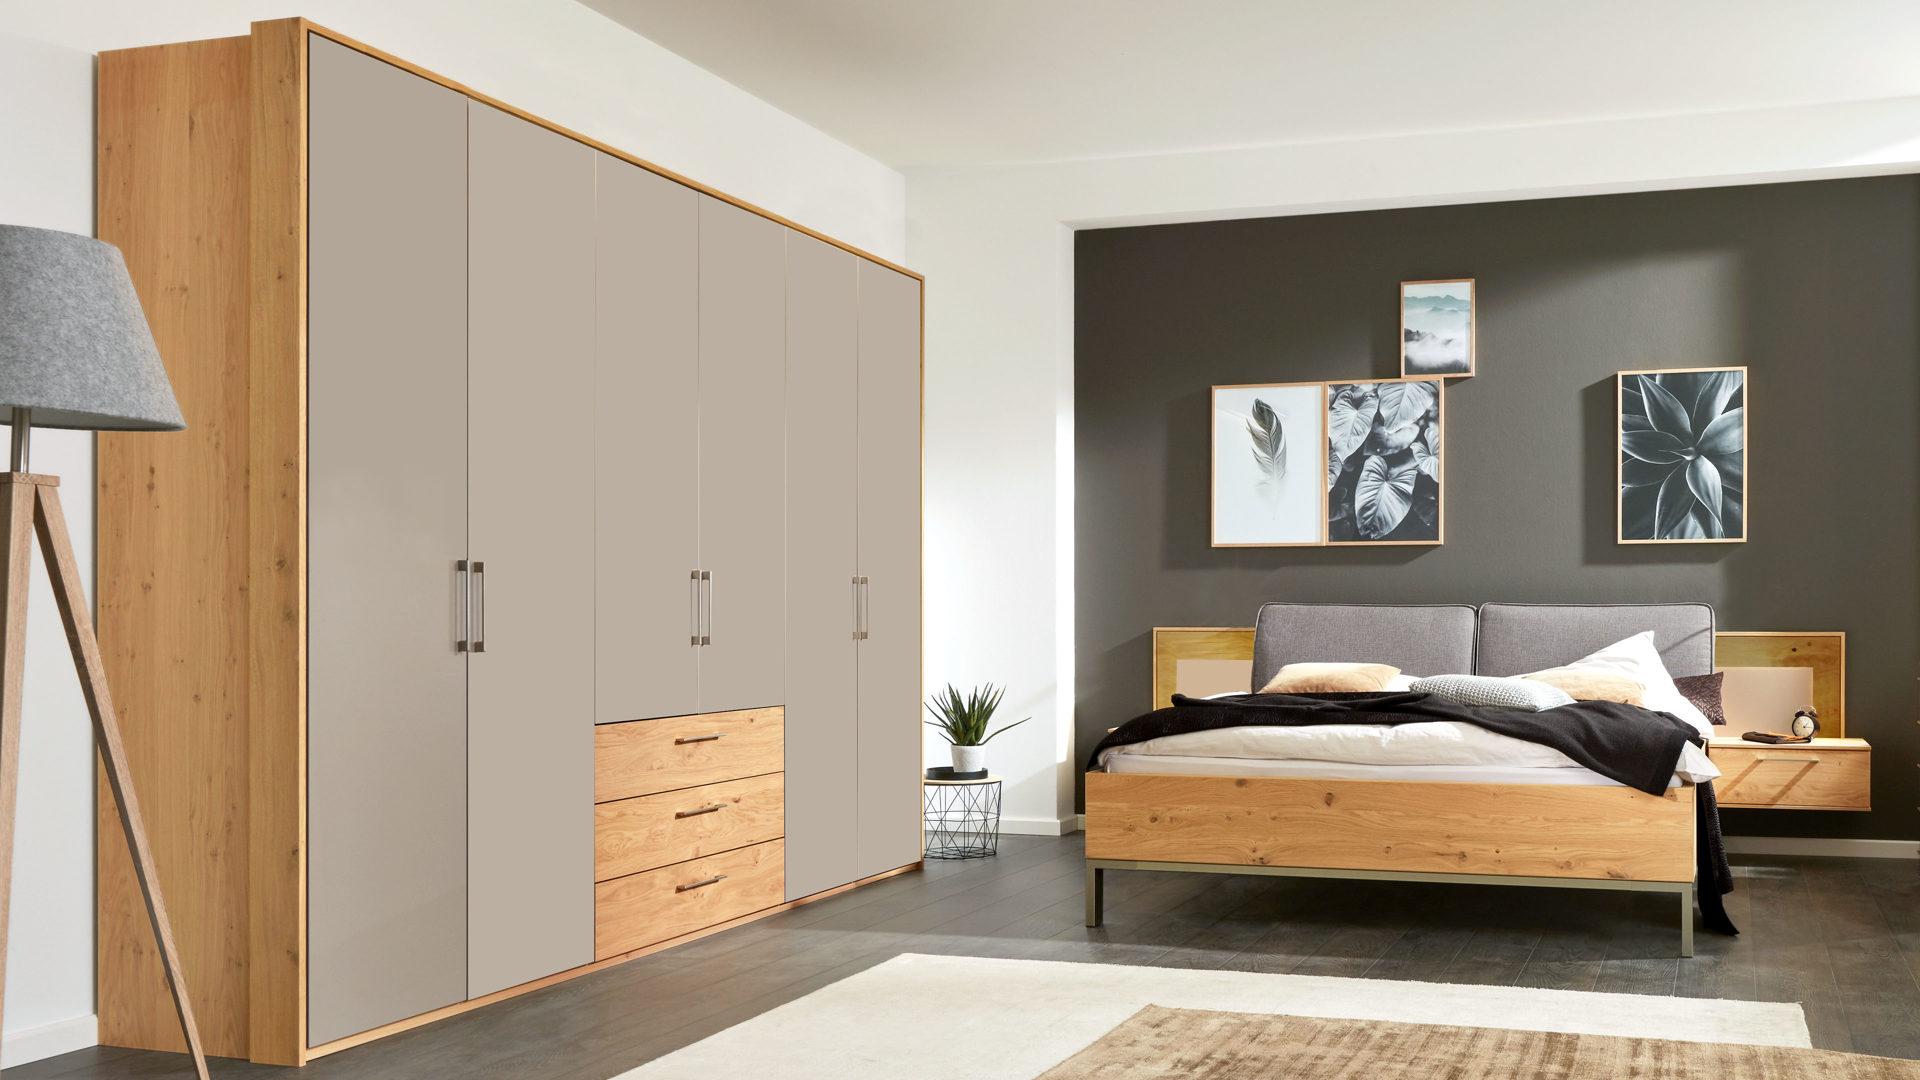 Möbel Eilers Apen, Interliving Schlafzimmer Serie 18